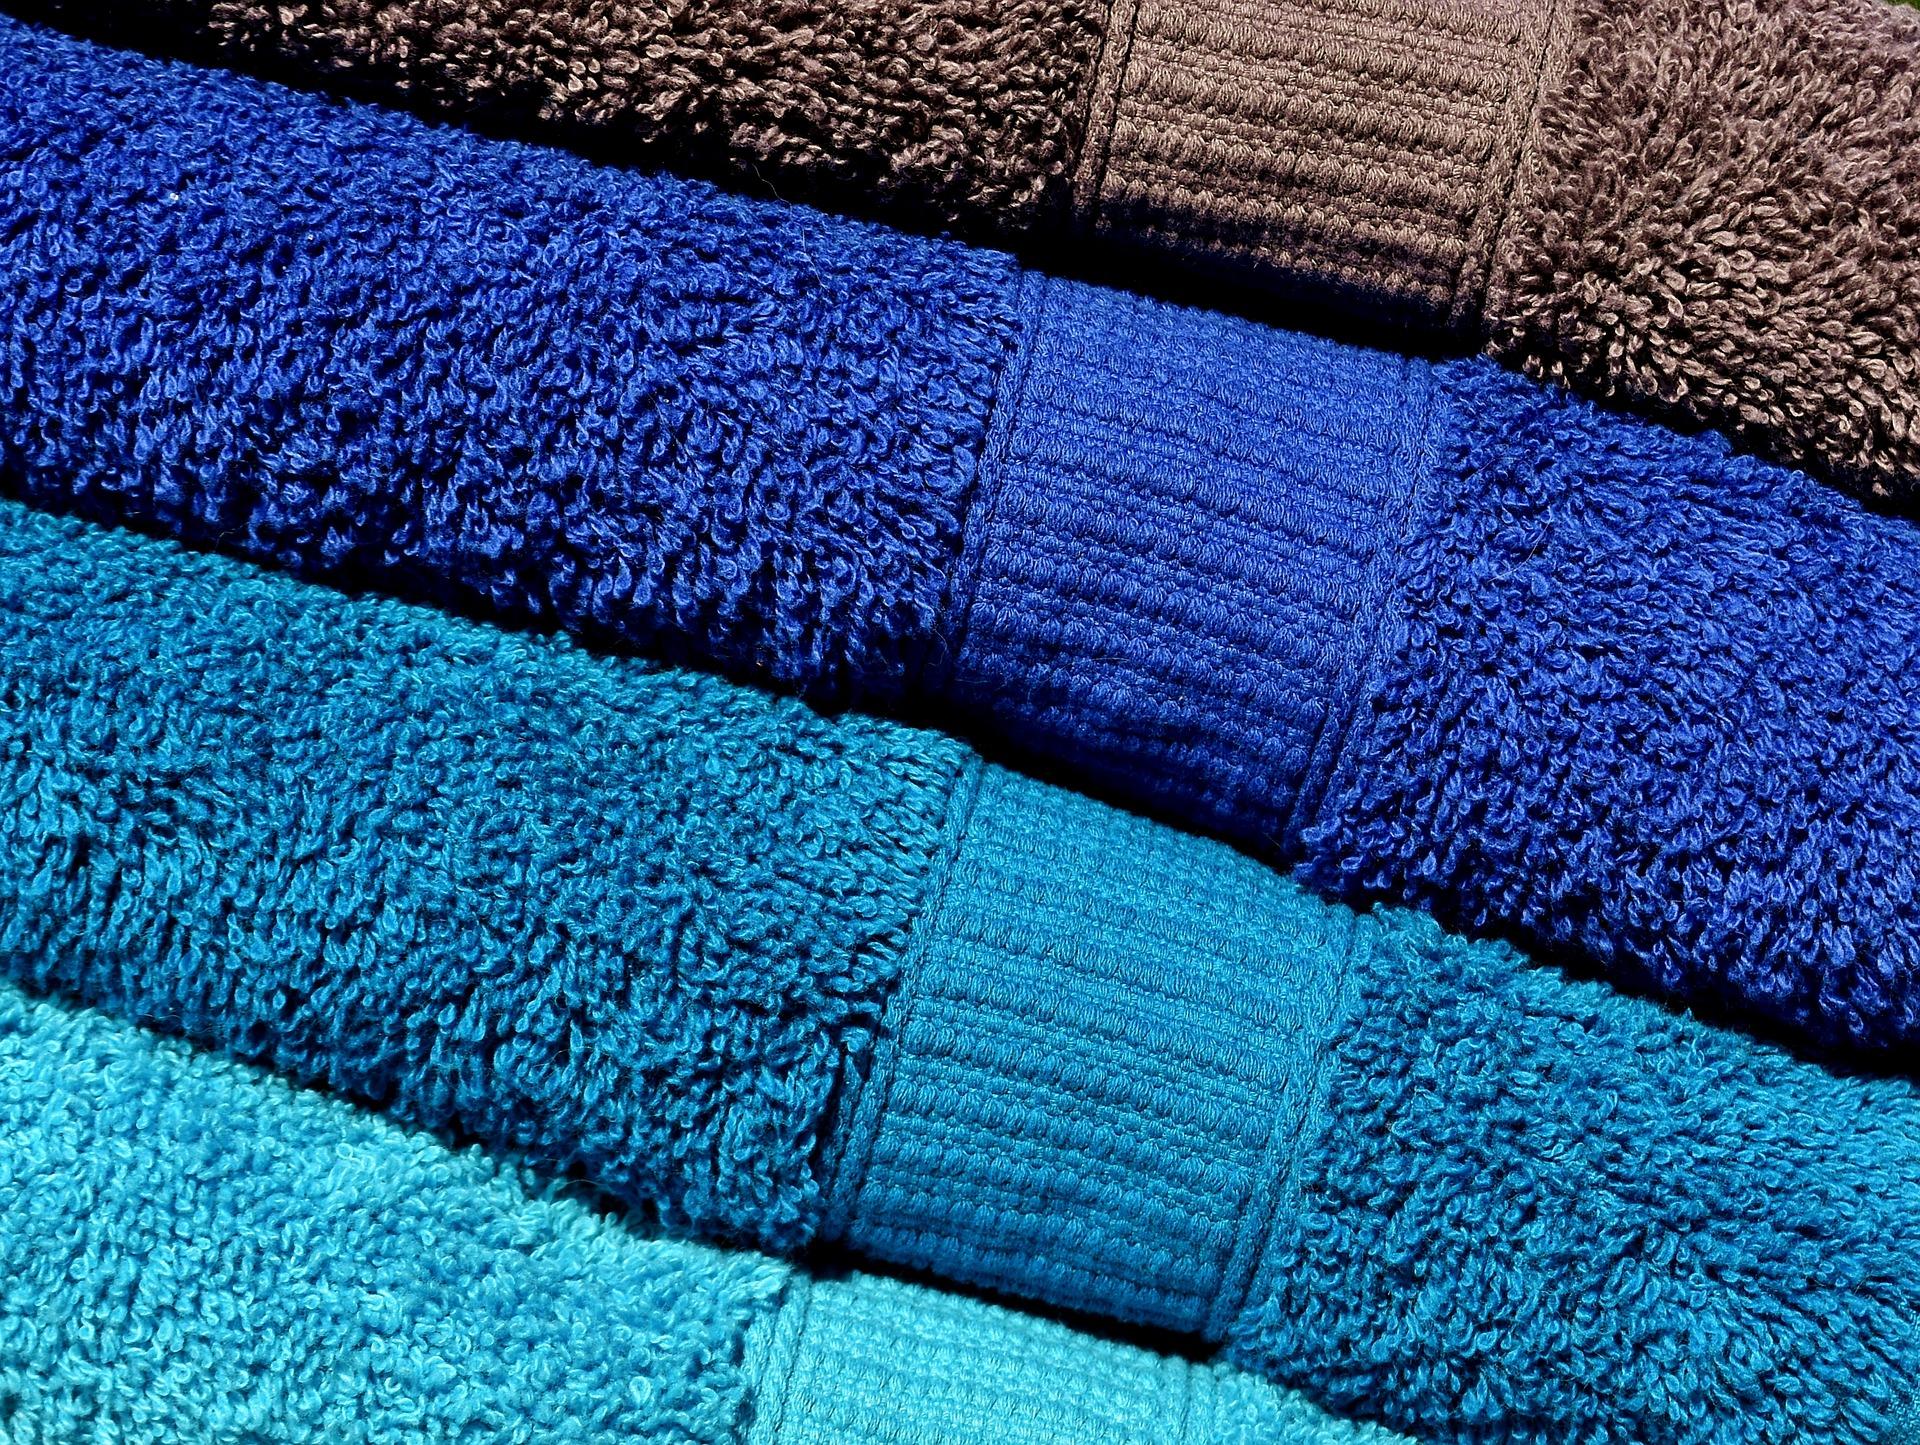 towels-2822910_1920 (1).jpg